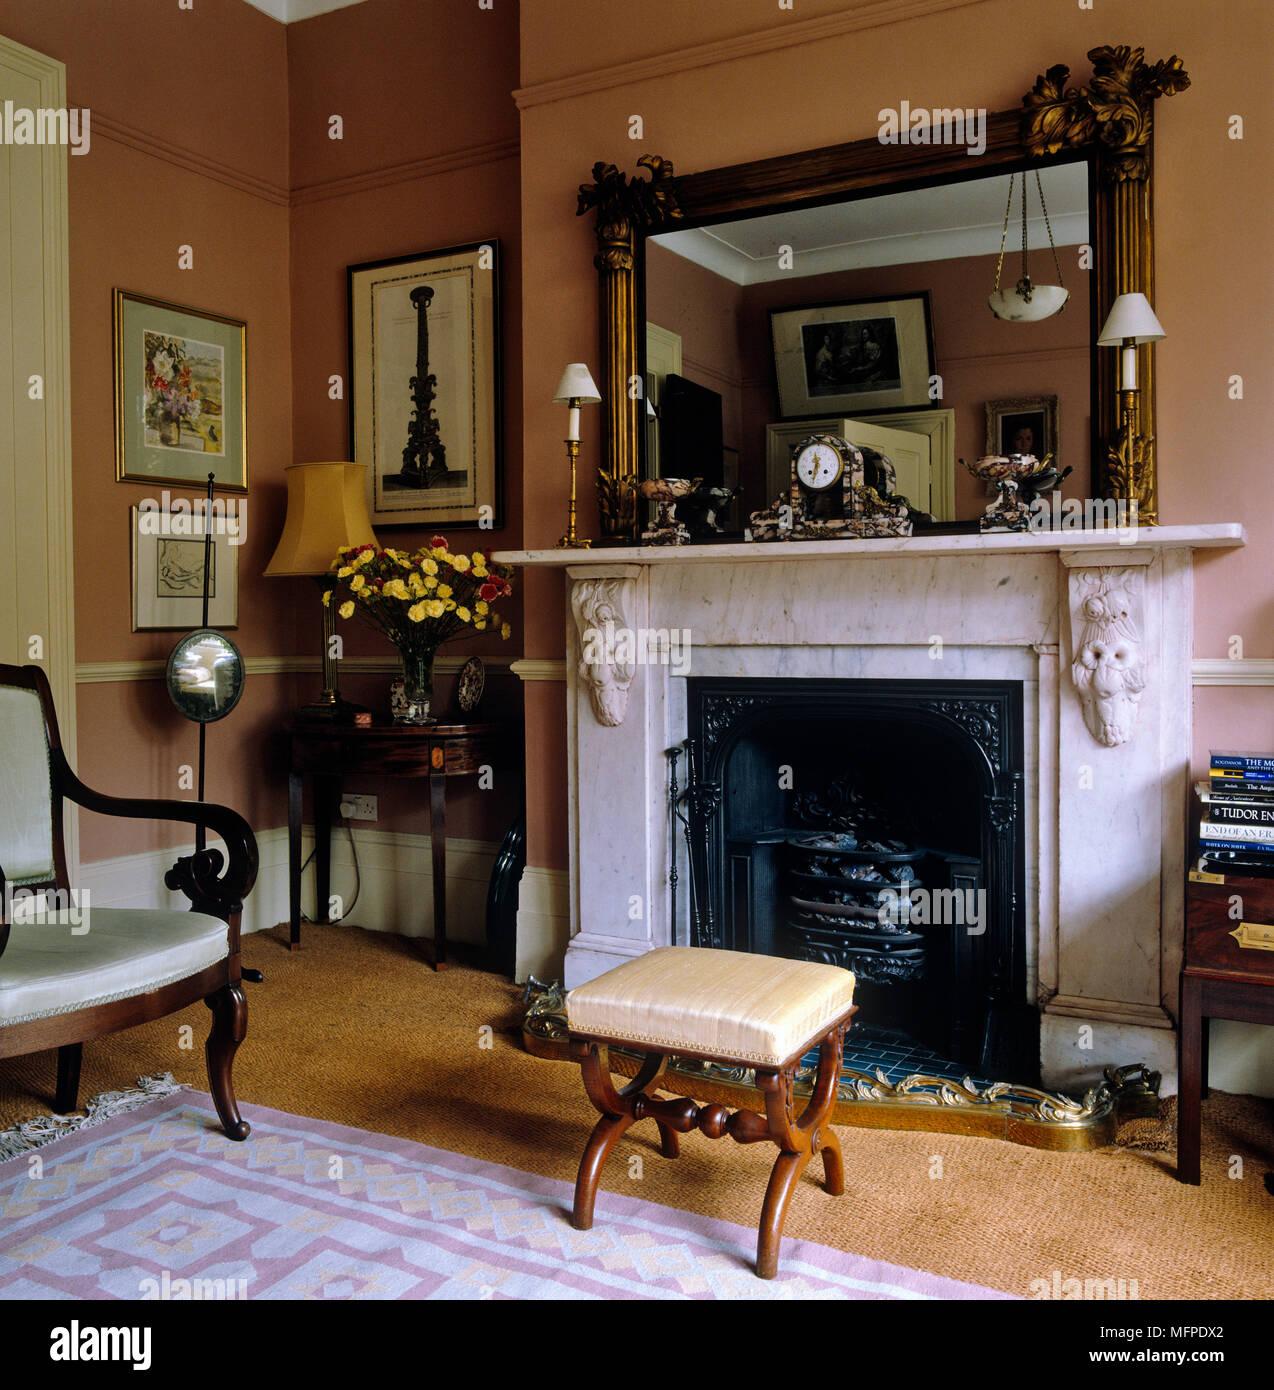 Marmorkamin mit Spiegel über im Stil der Zeit Wohnzimmer Stockfoto ...